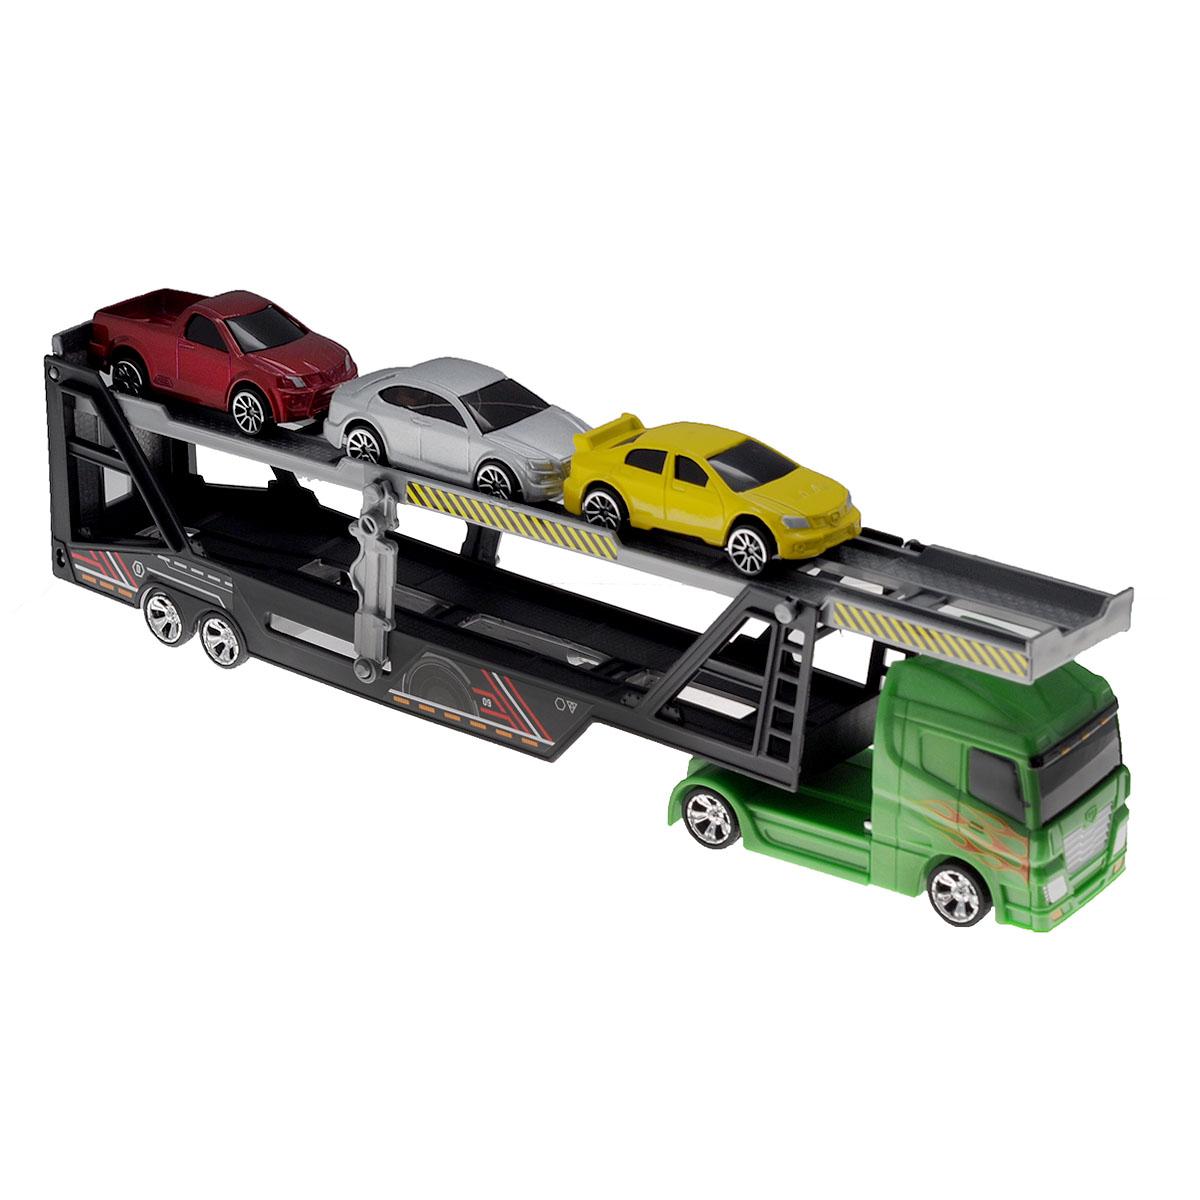 MotorMax Игровой набор Car Transporter цвет зеленый76540 зеленыйИгровой набор MotorMax Car Transporter понравится вашему маленькому любителю машинок. В него входит трейлер с рампой для погрузки машинок и 3 металлические легковые машинки серебристого, желтого и красного цветов. Элементы набора выполнены из высококачественных прочных материалов, благодаря чему прослужат очень долго. Ваш ребенок будет в восторге от такого подарка!